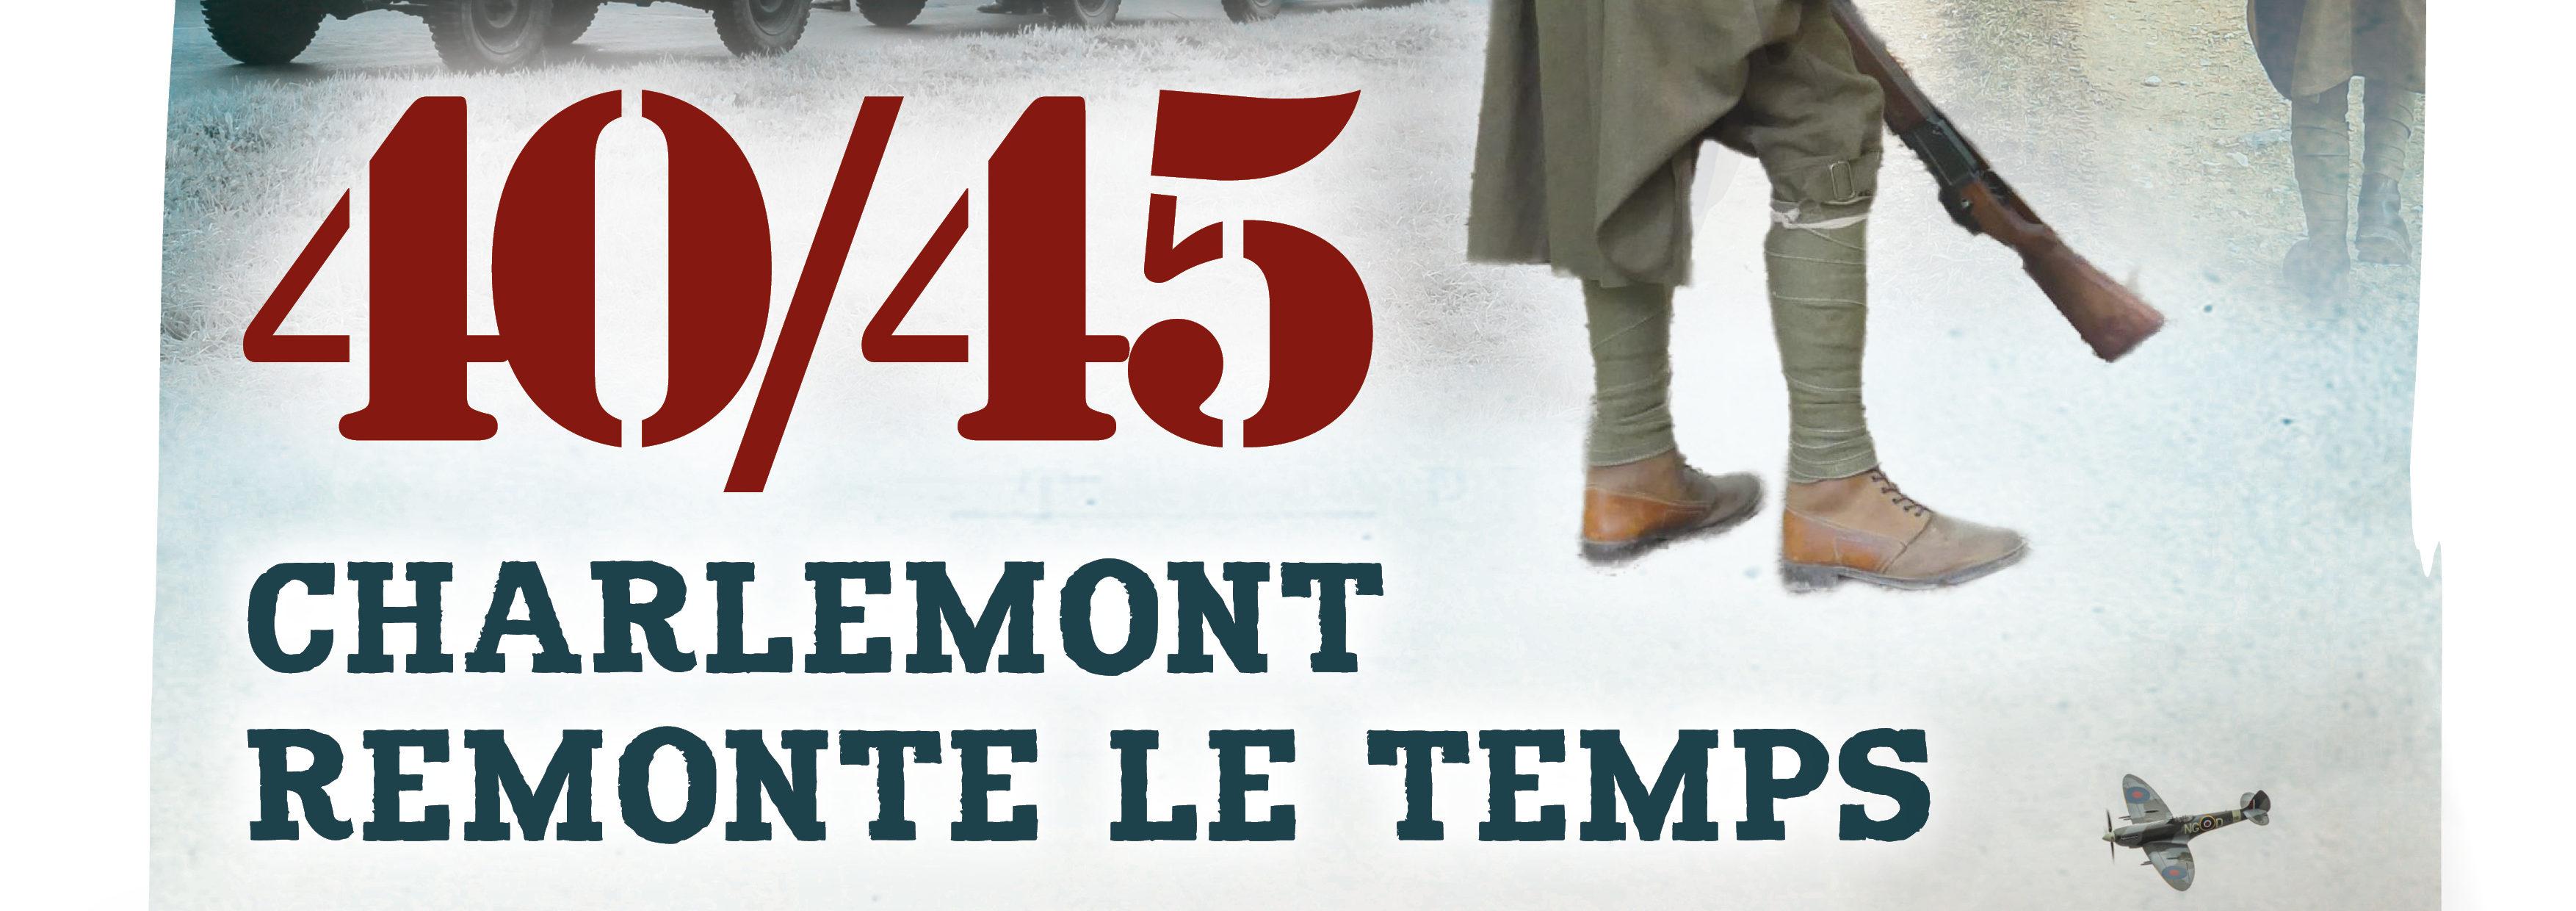 (Français) Charlemont remonte le temps, 17 et 18 juillet